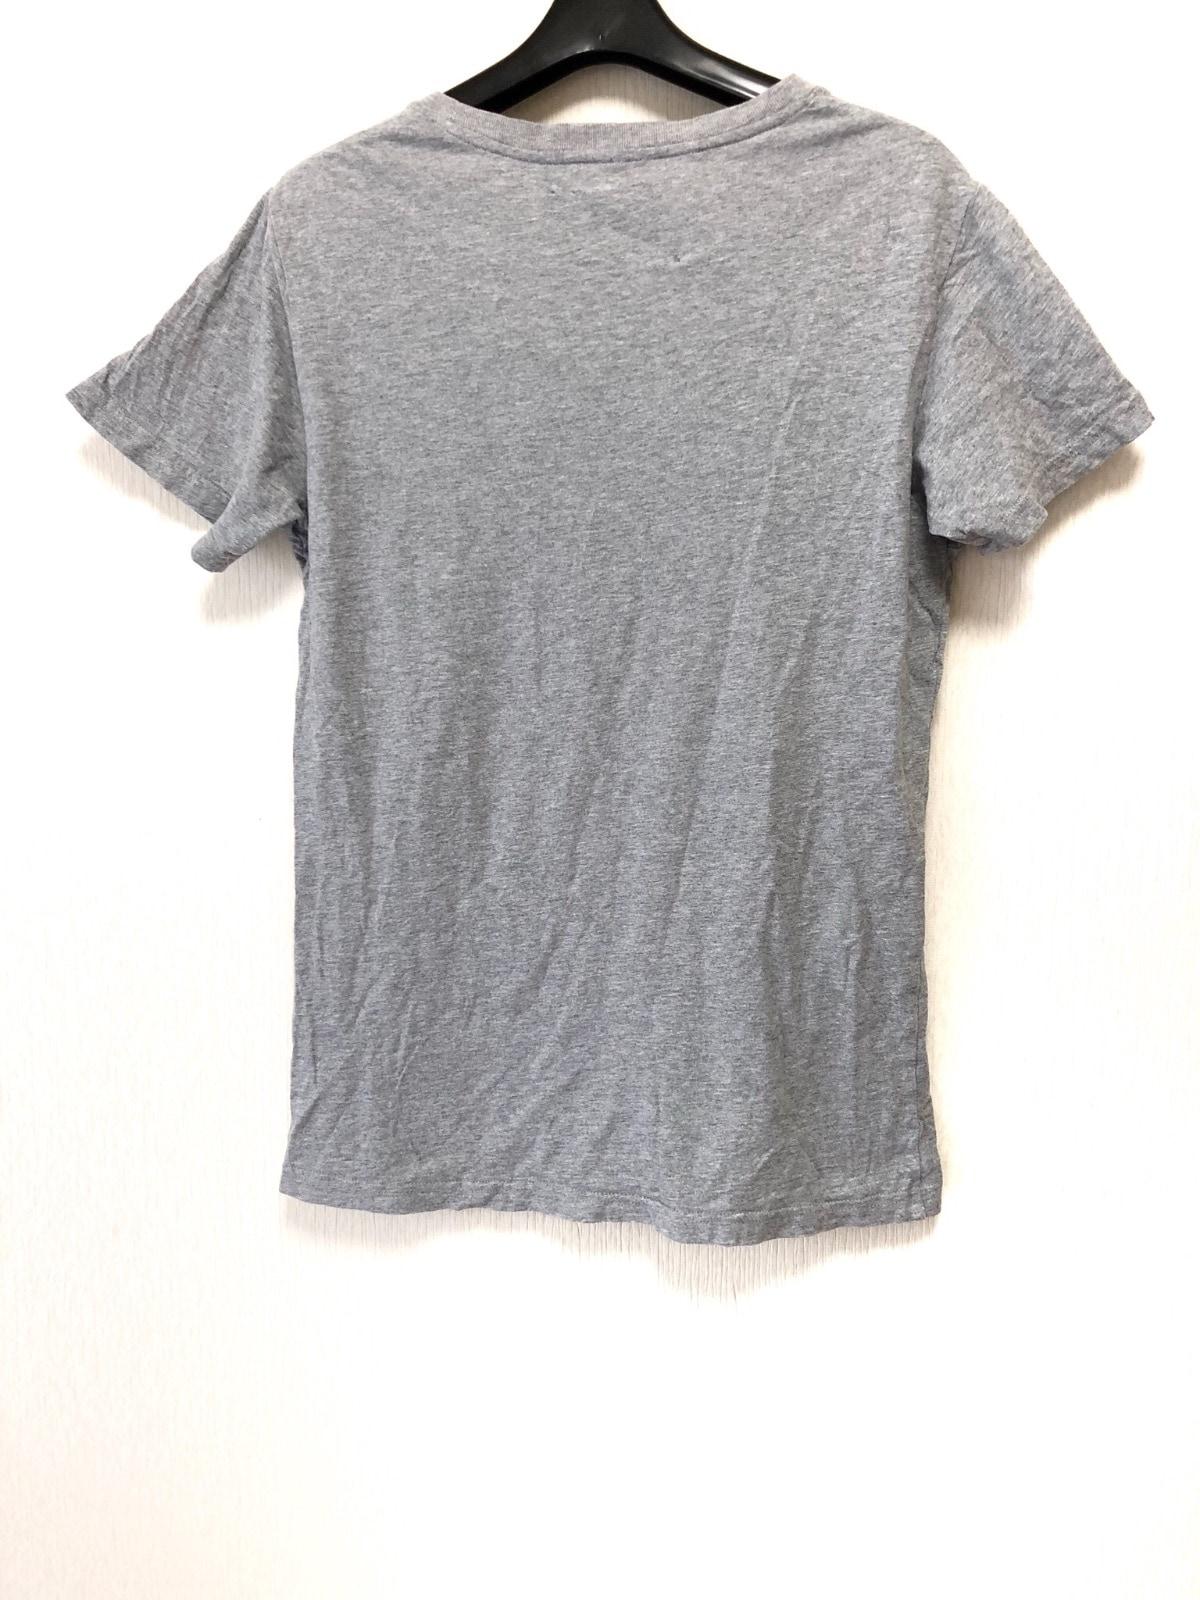 GROUND-ZERO(グラウンドゼロ)のTシャツ